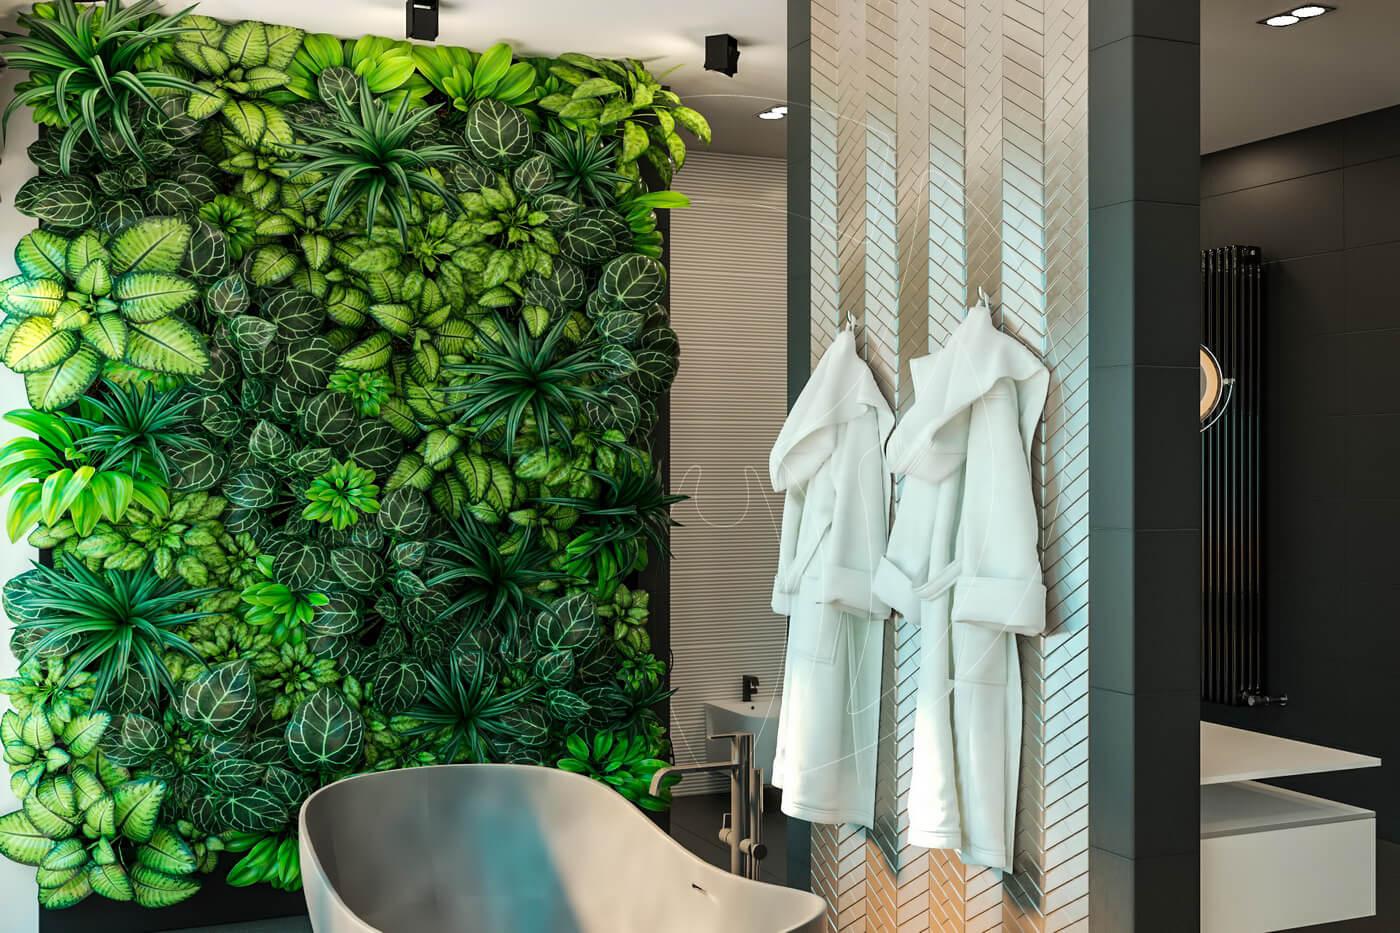 Загородный дом в современном стиле. Ванная комната. Ванна и фитостена